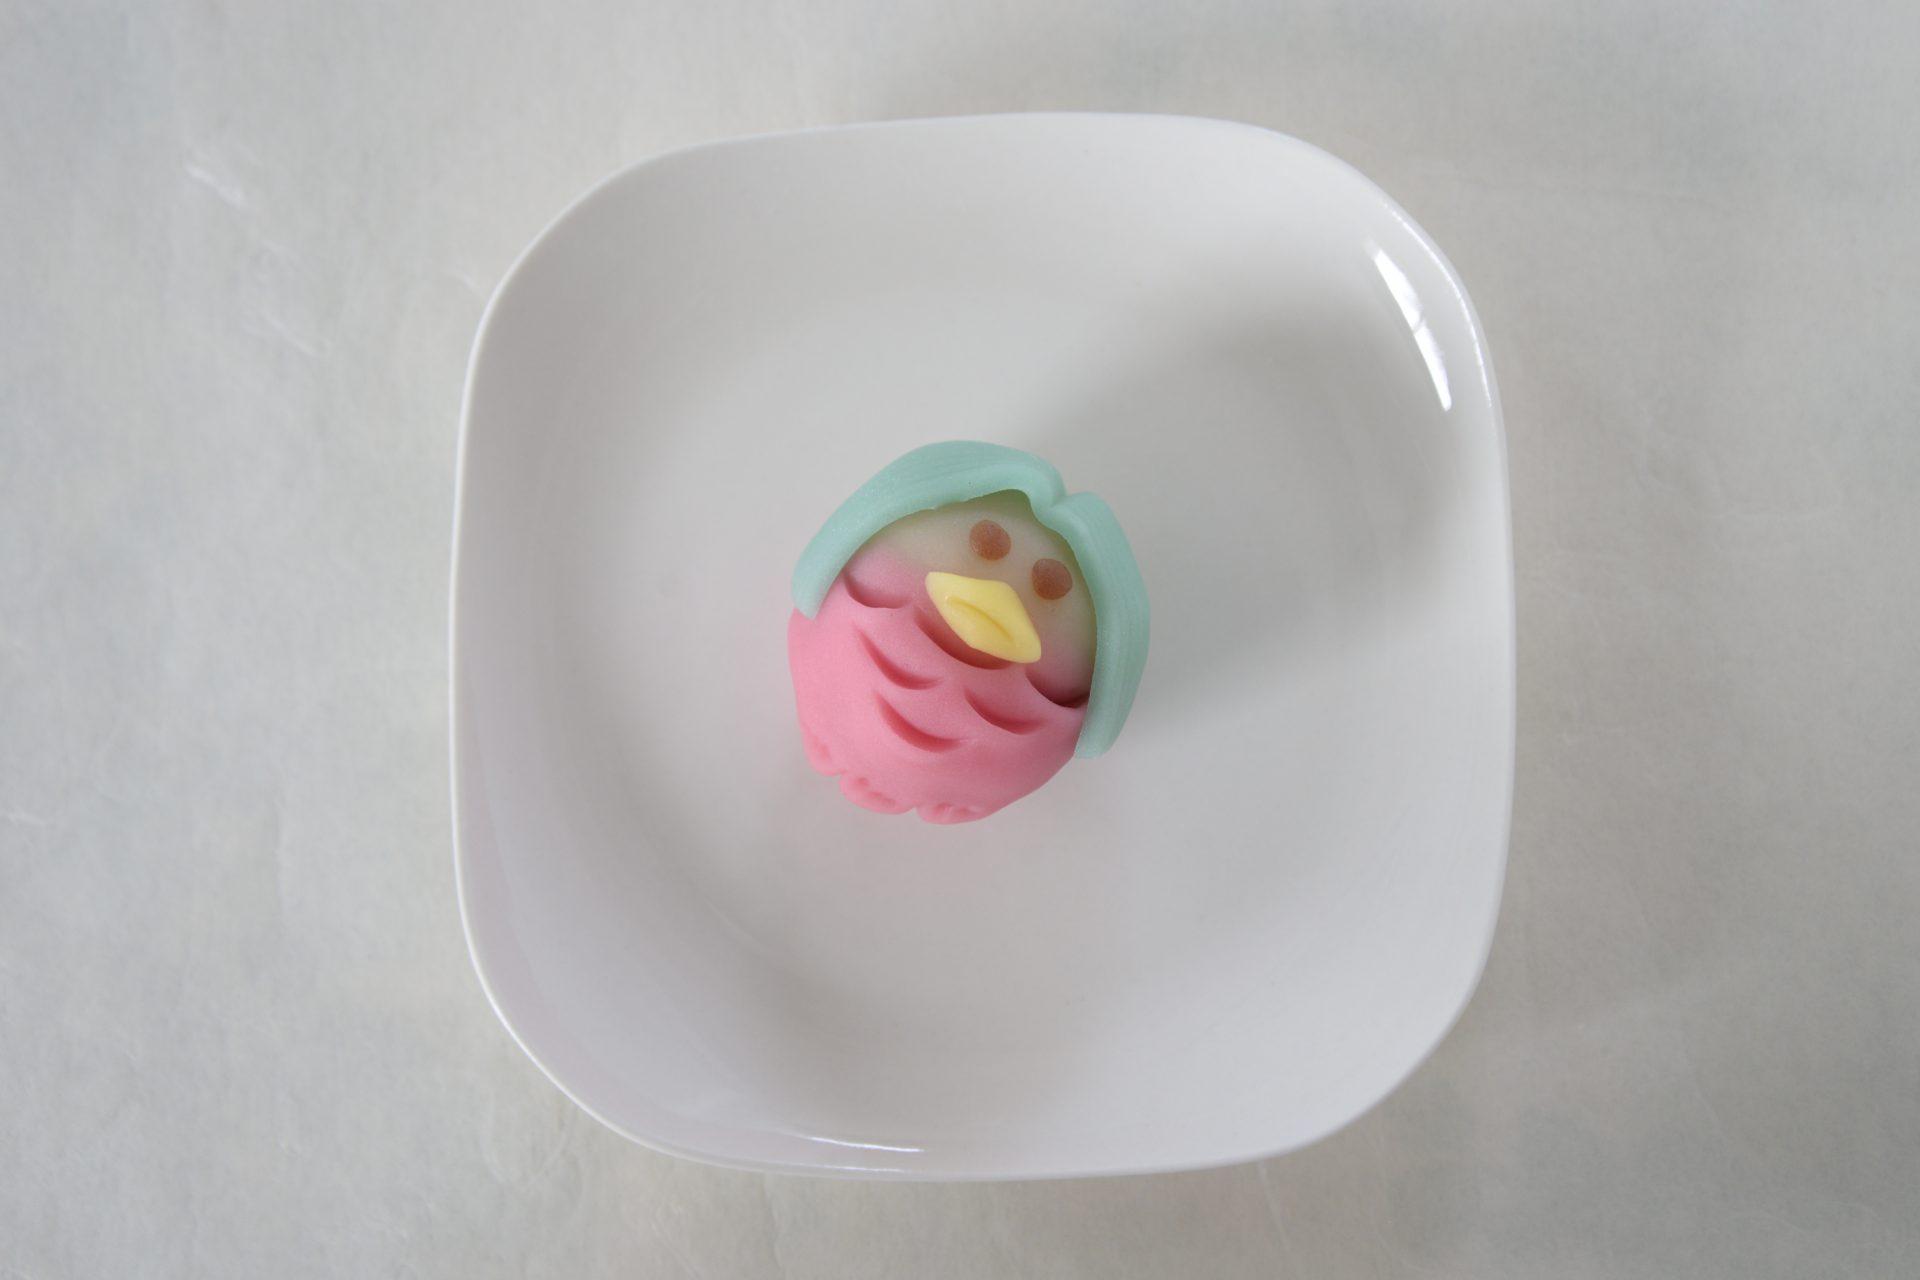 自宅で作る上生菓子キット「あまびえ」